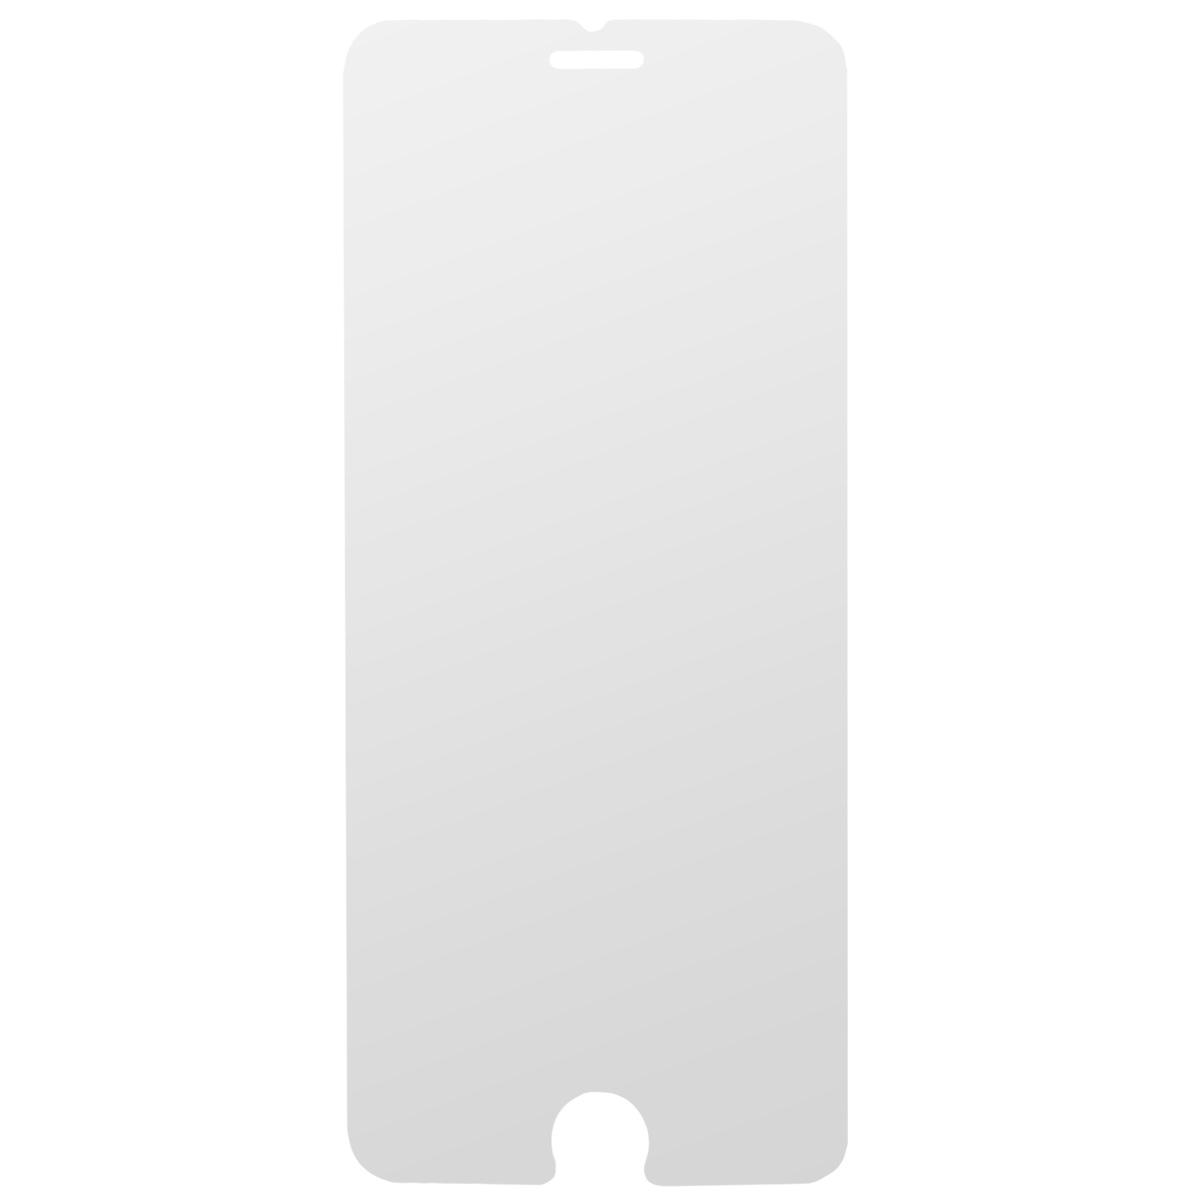 Highscreen защитное стекло для iPhone 6, прозрачное22883Защитное стекло Highscreen дляiPhone 6 - надежная защита экрана смартфона от грязи, пыли, отпечатков пальцев и царапин. Стекло изготовлено точно по размеру экрана, отличается кристальной прозрачностью и имеет все необходимые прорези.